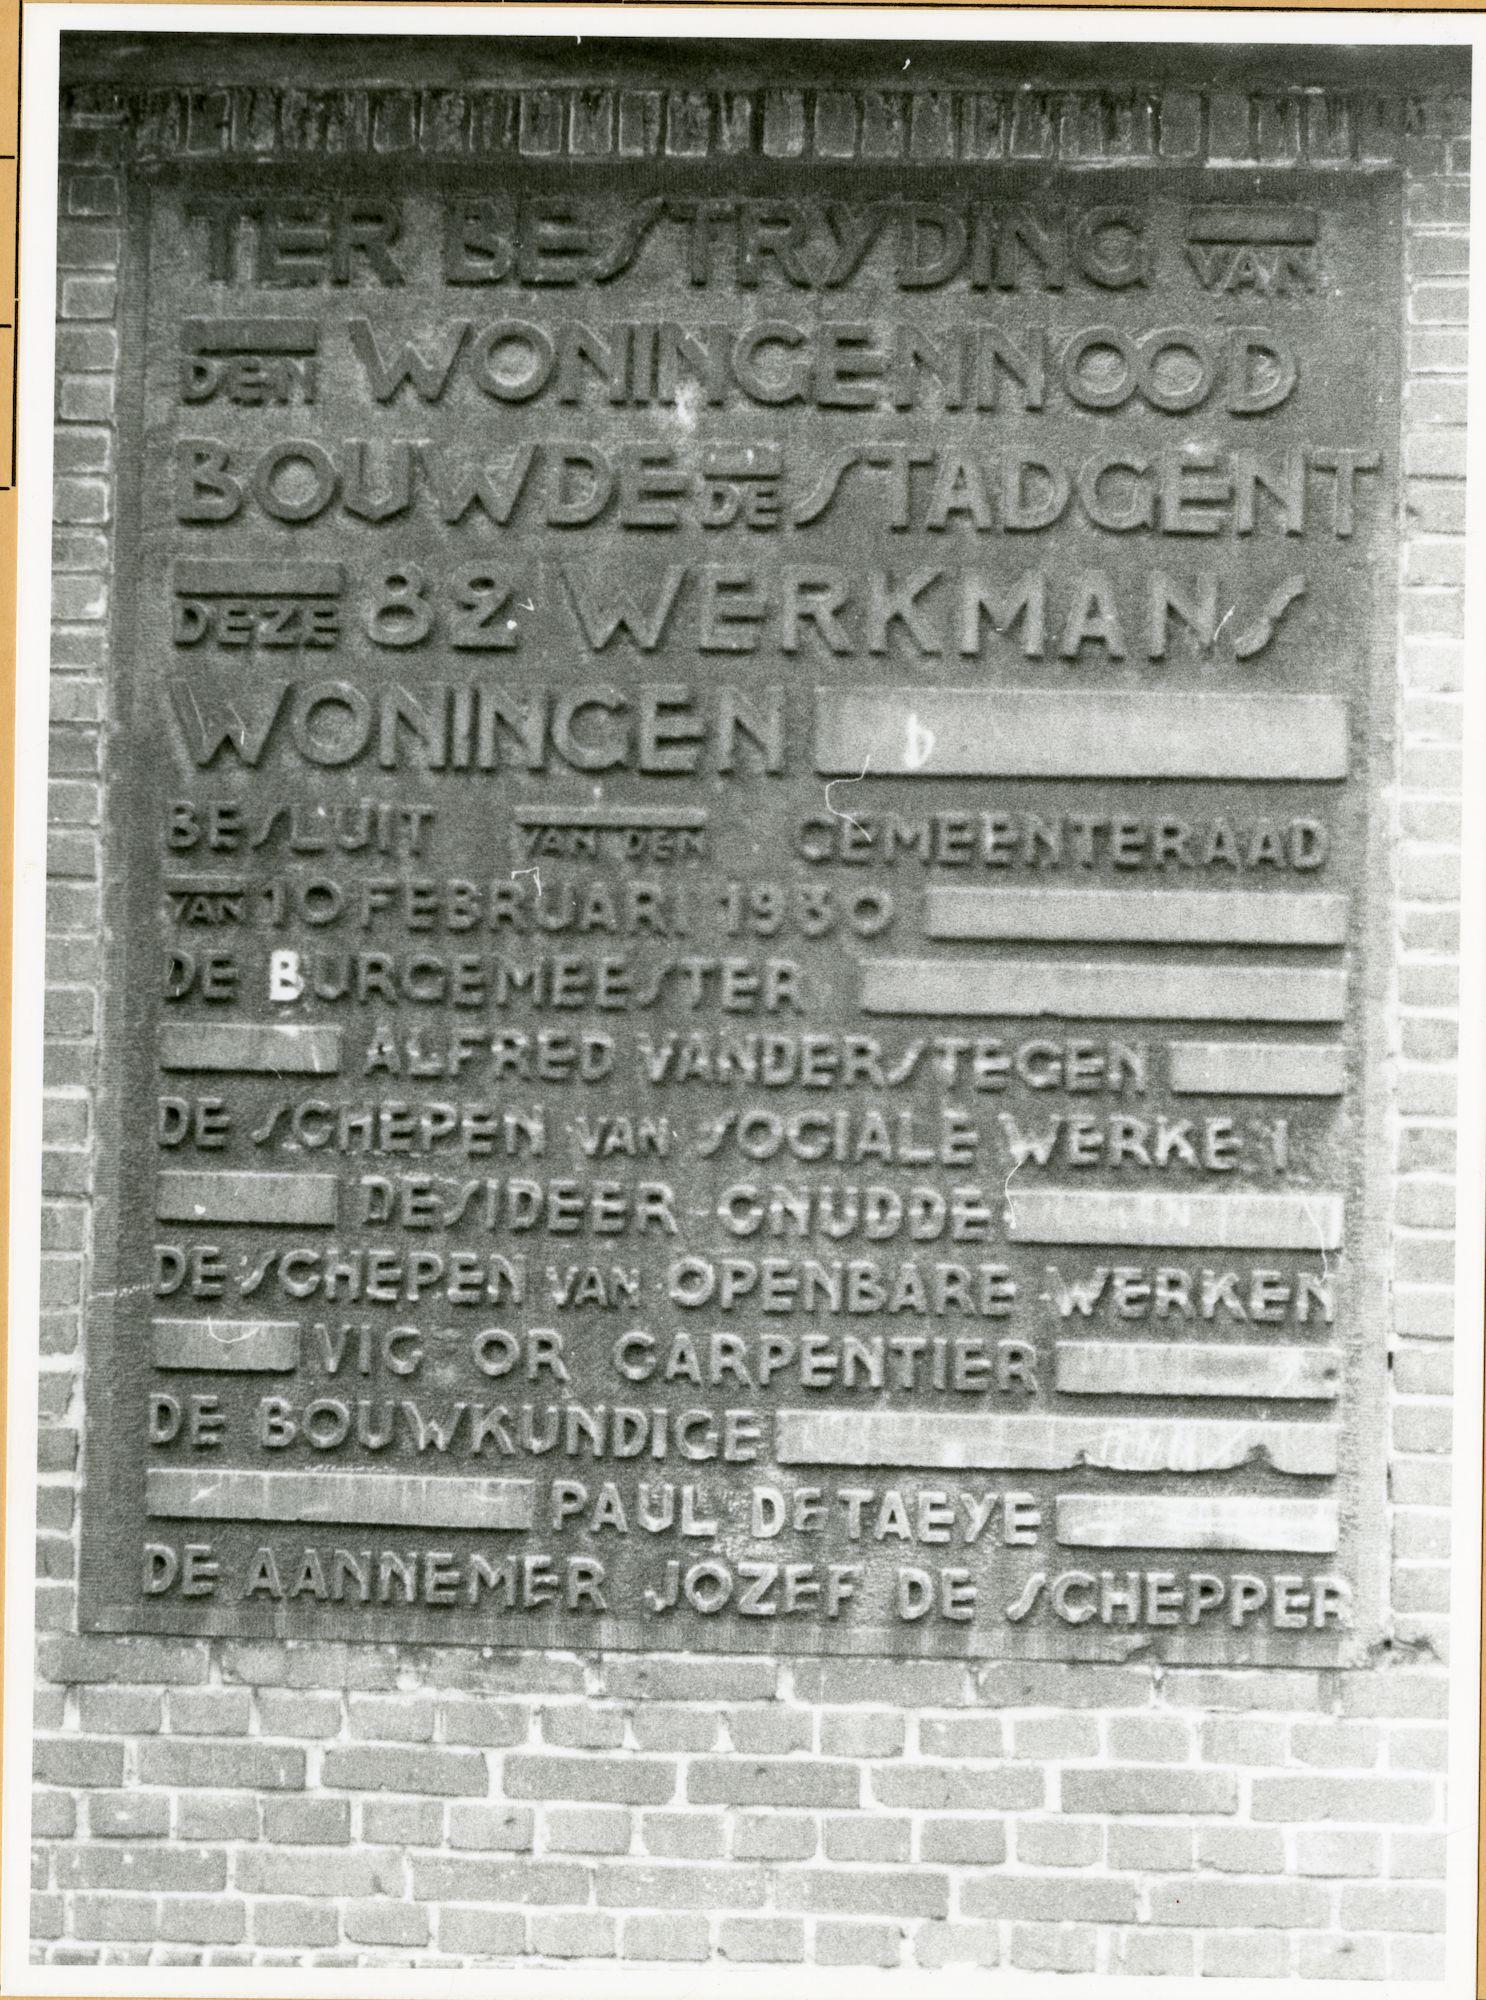 Gent: Jan Lampensstraat: Gedenksteen, 1979